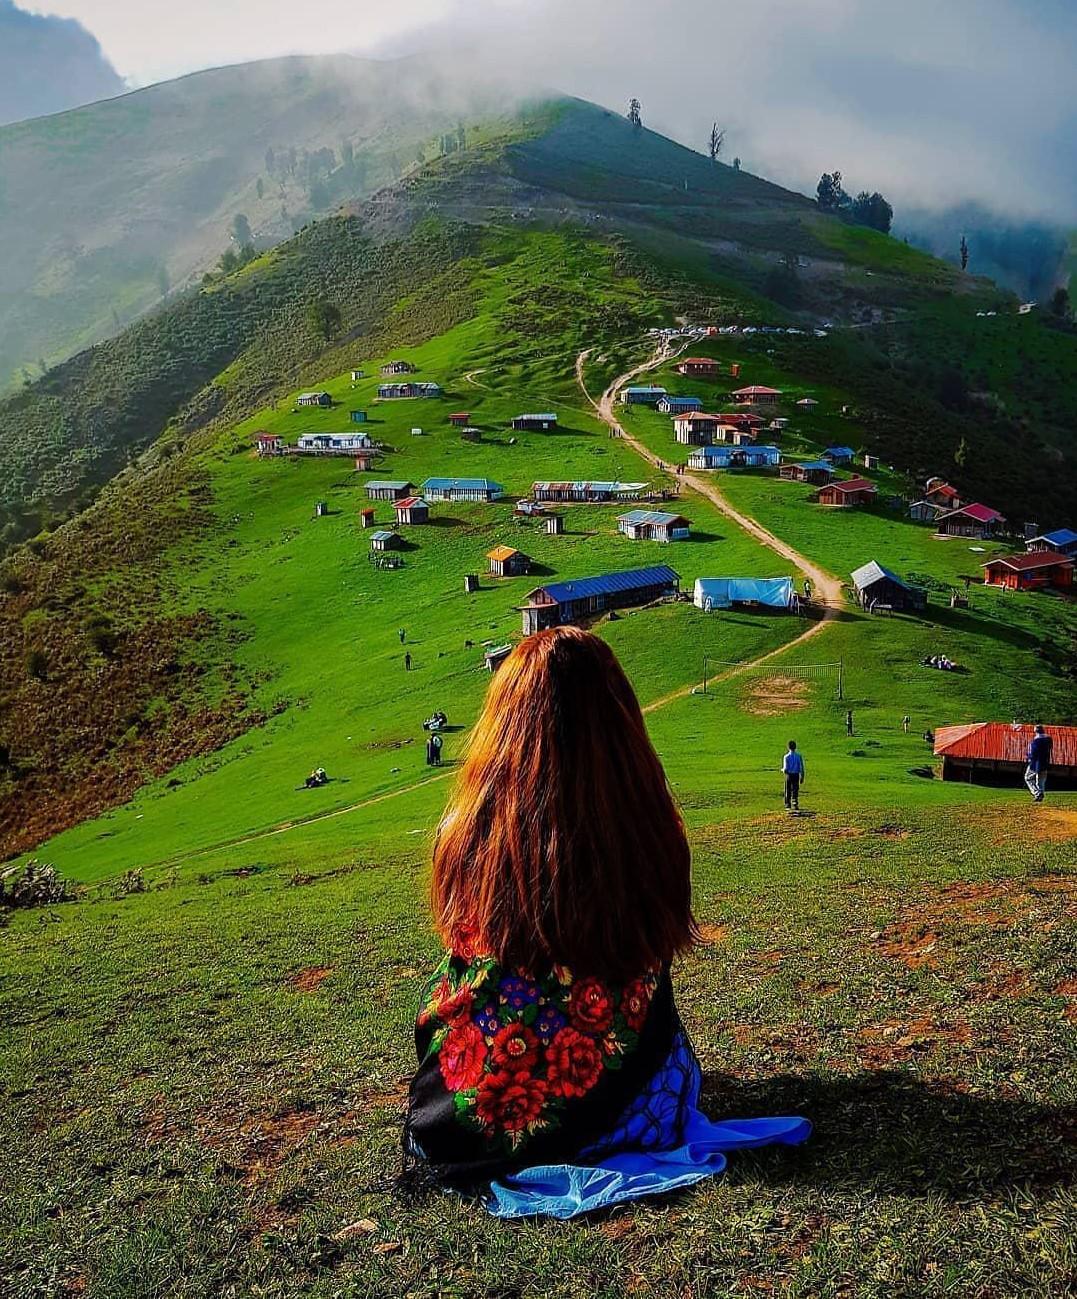 ییلاق اولسبلنگاه ماسال، گردشگری شمال ایران